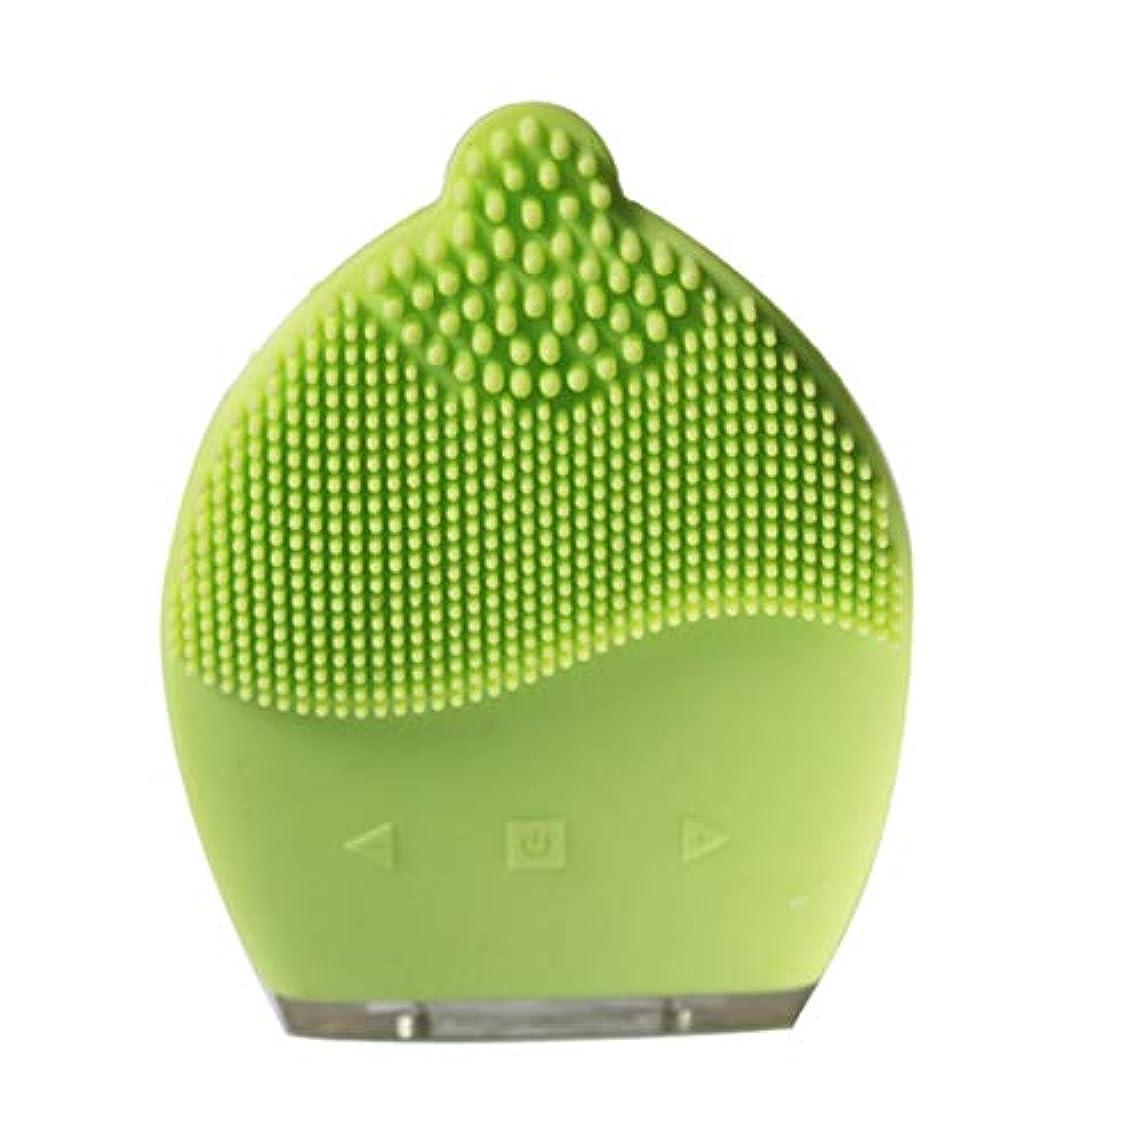 移植行政破裂CAFUTY 超音波シリコン電気洗浄器具 除染黒髪洗浄 洗浄ブラシ (Color : イエロー)